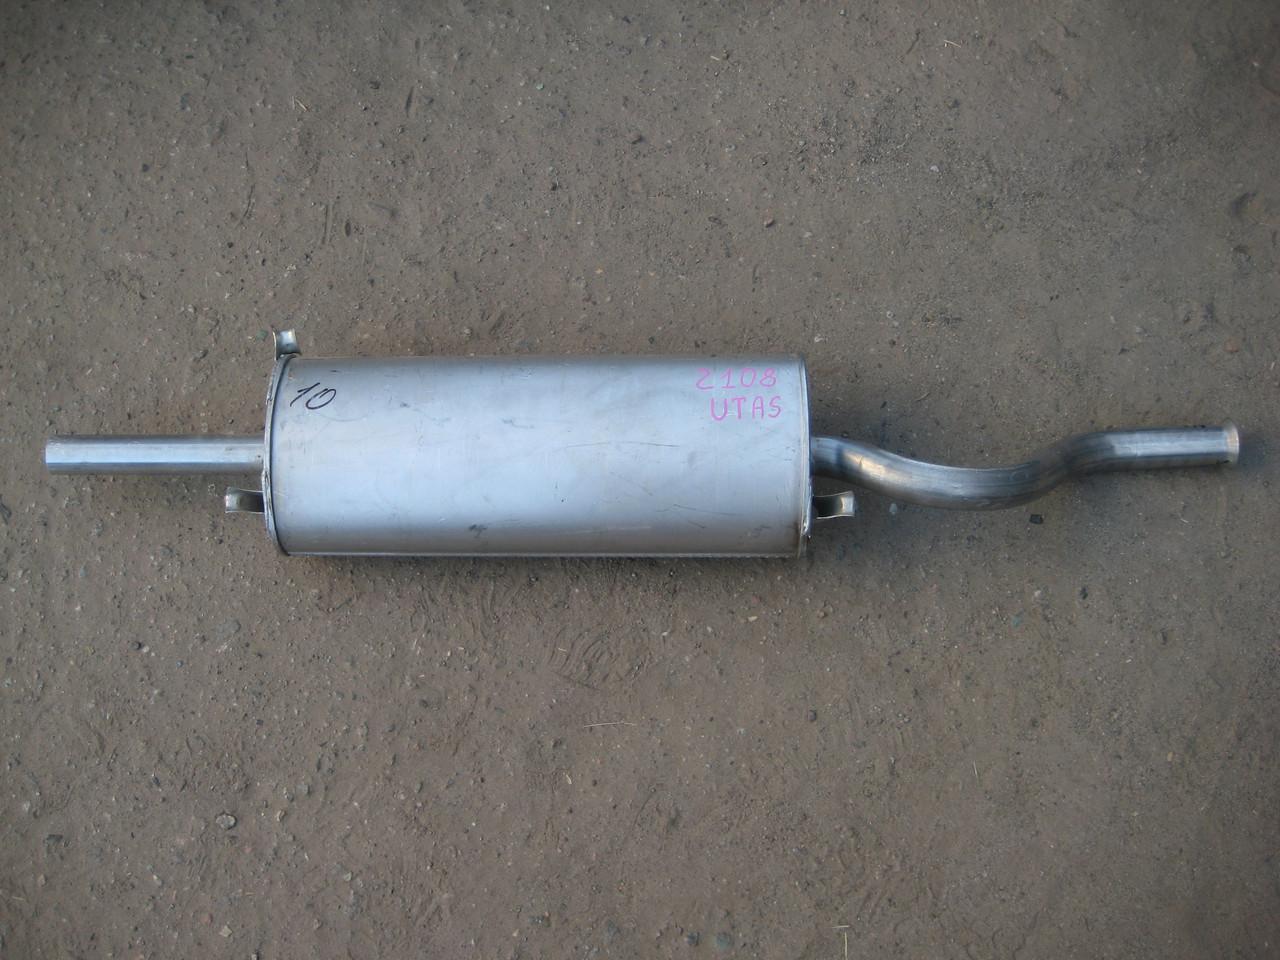 Глушитель ВАЗ 2108 2109 Ютас алюминька